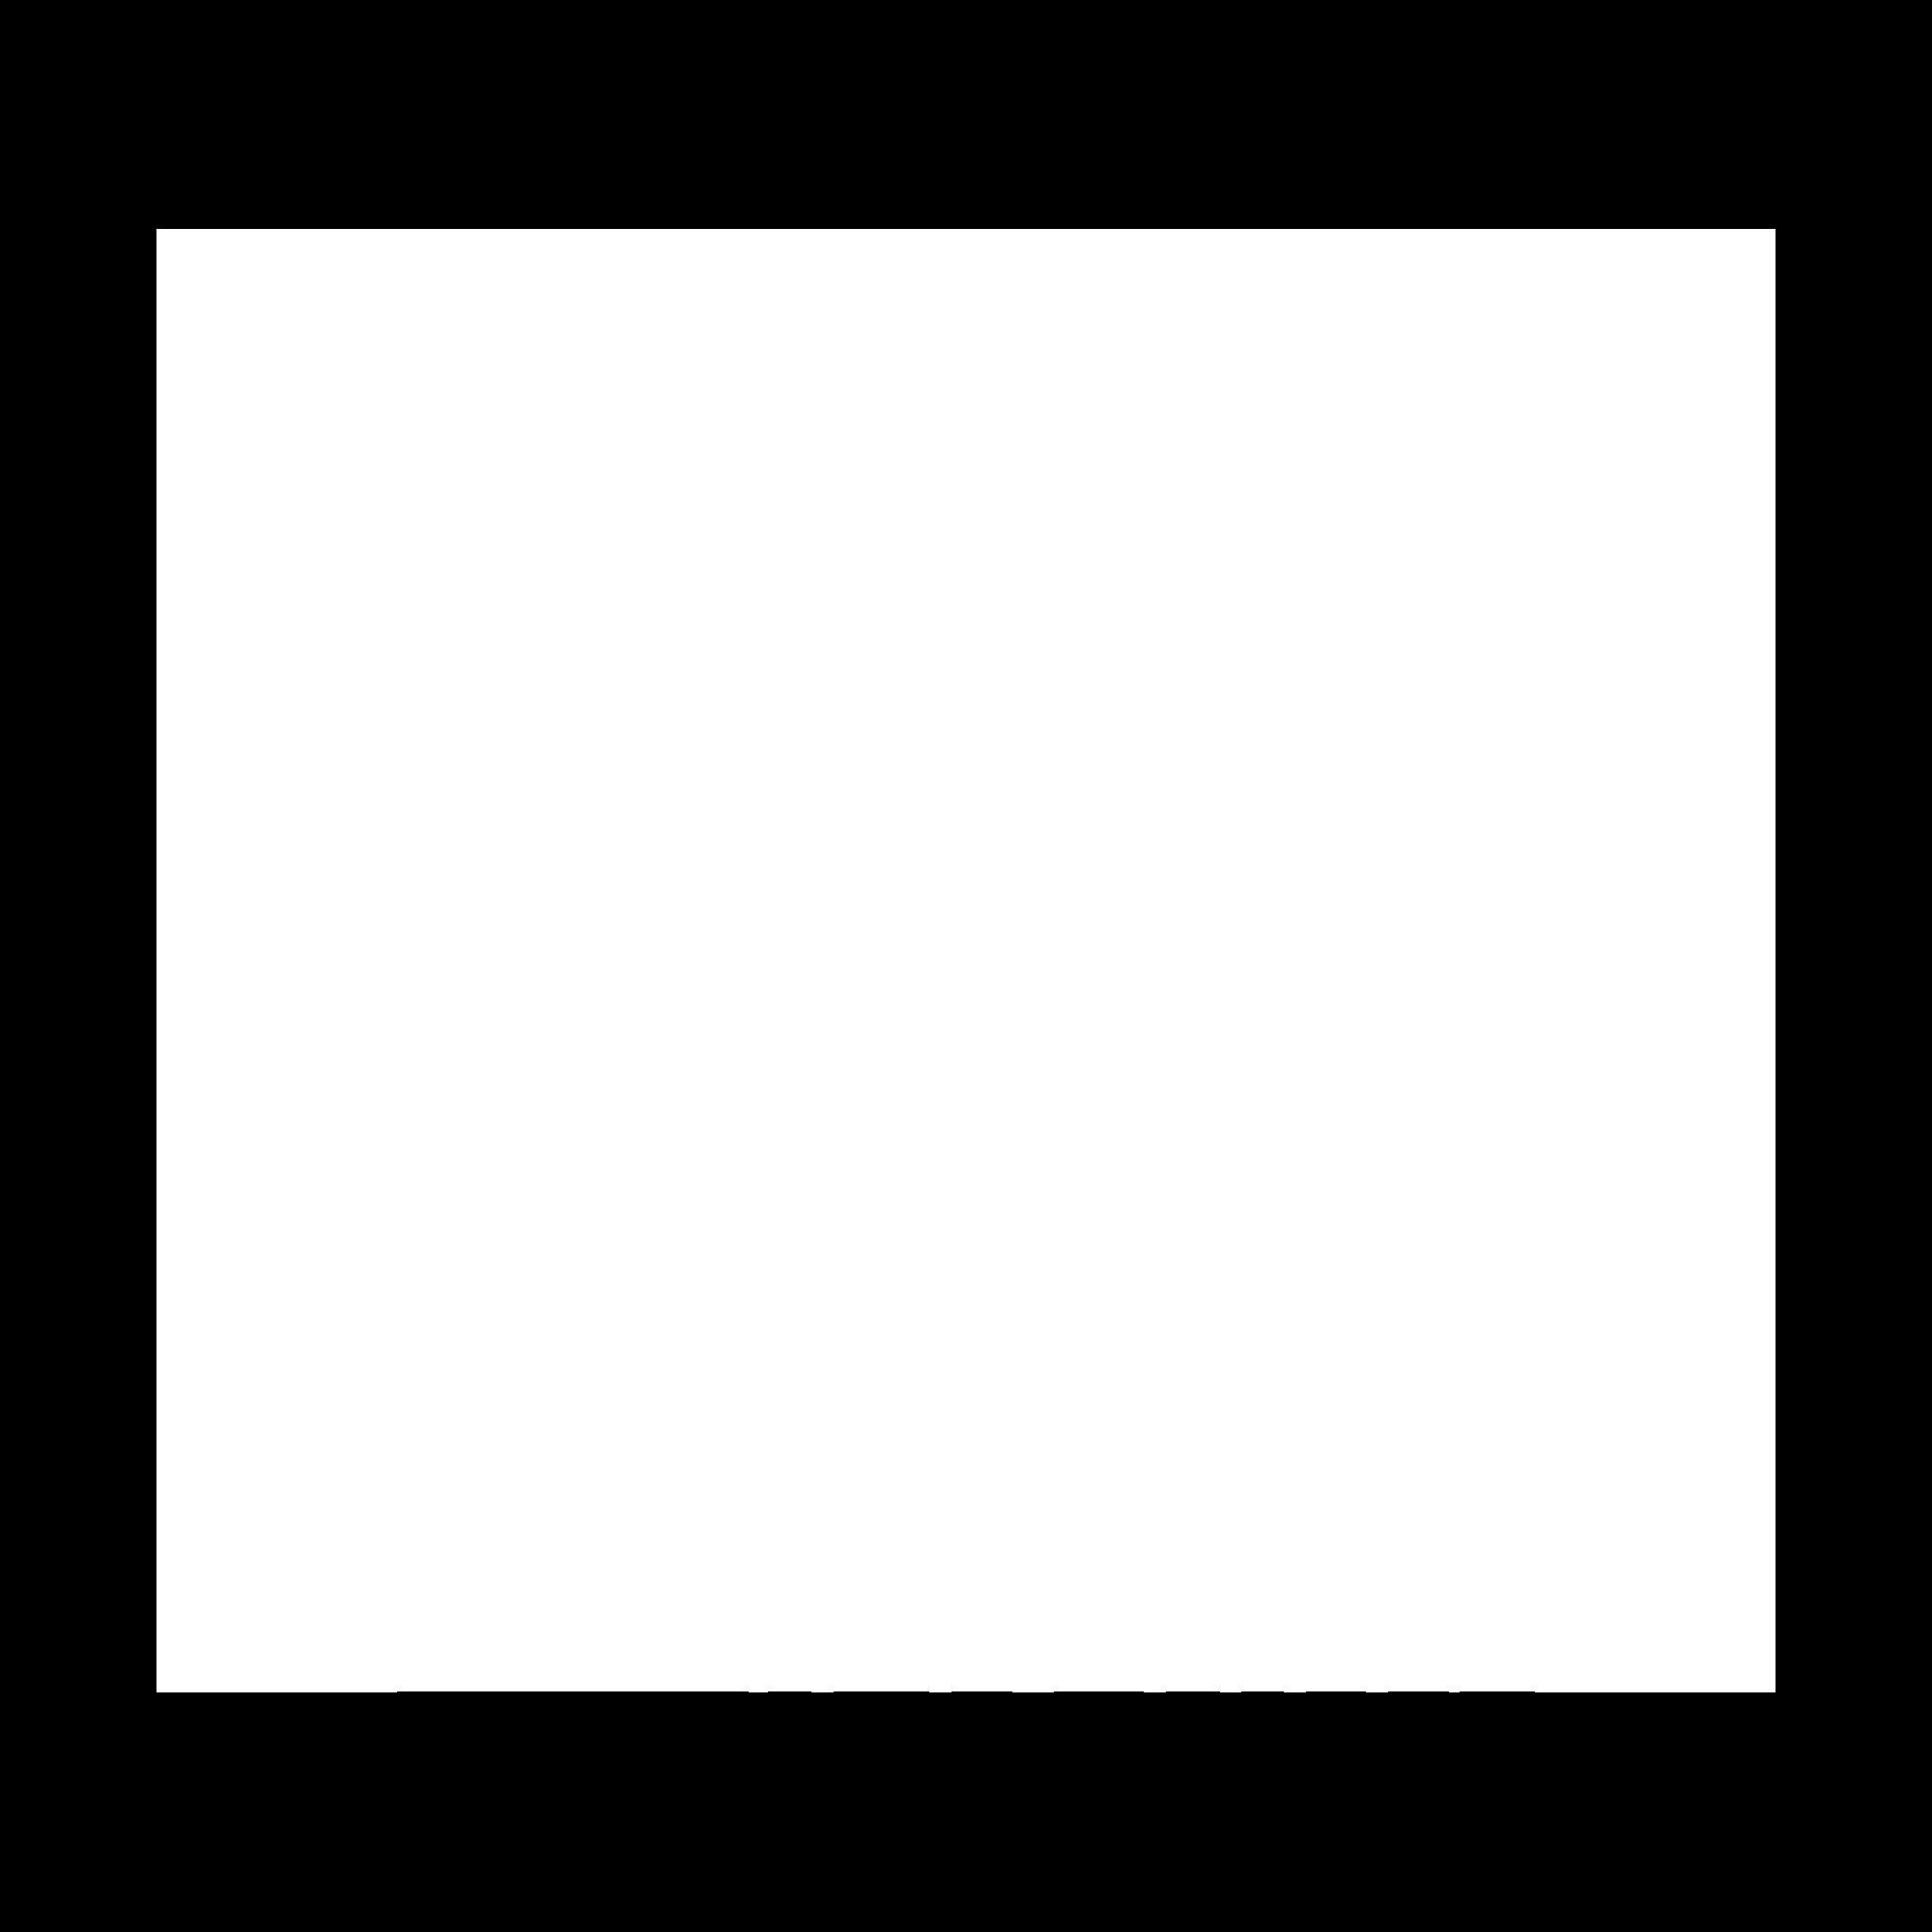 Velkoobchod Cbweed ČR